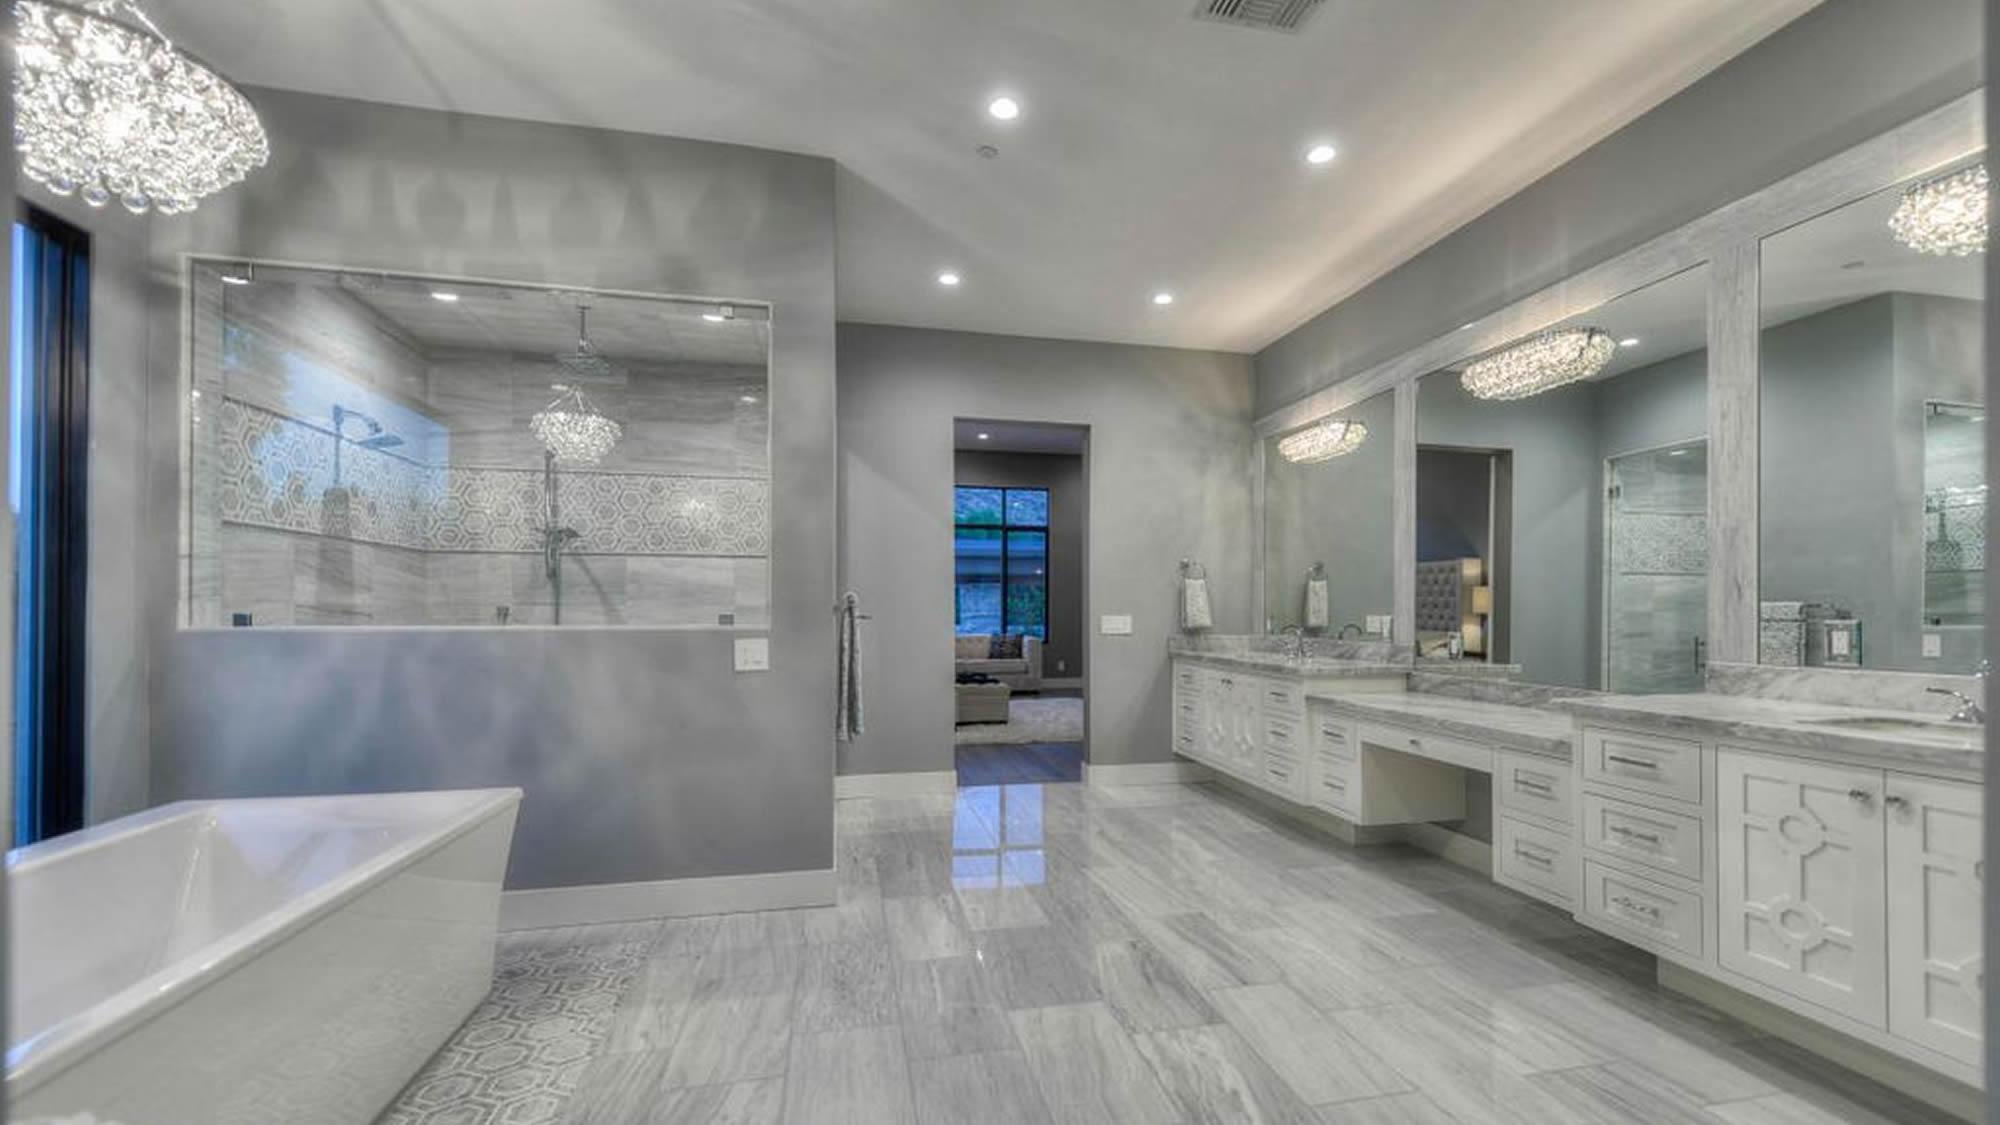 Full Bathroom remodel by HS3 in Scottsdale AZ